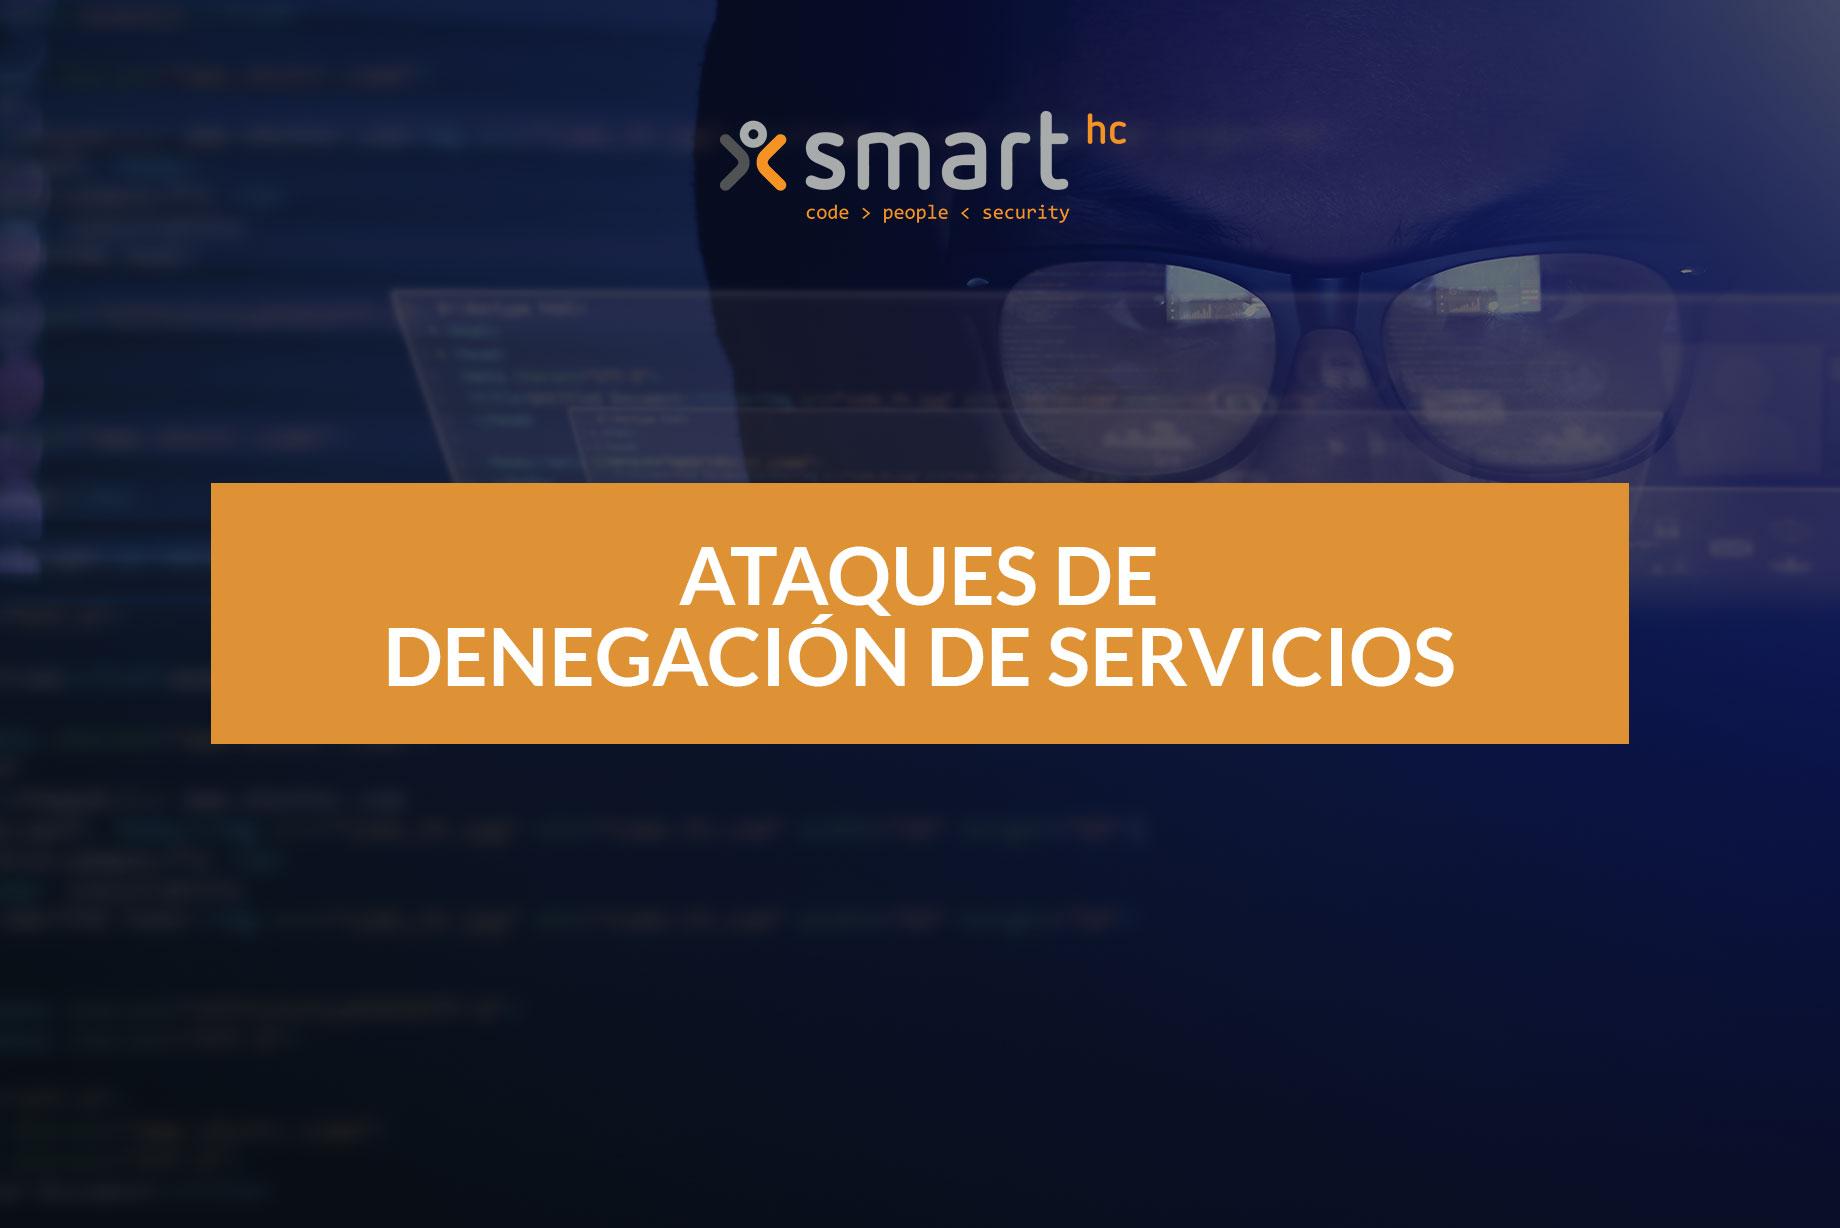 SHC_Denegacion_Servicio